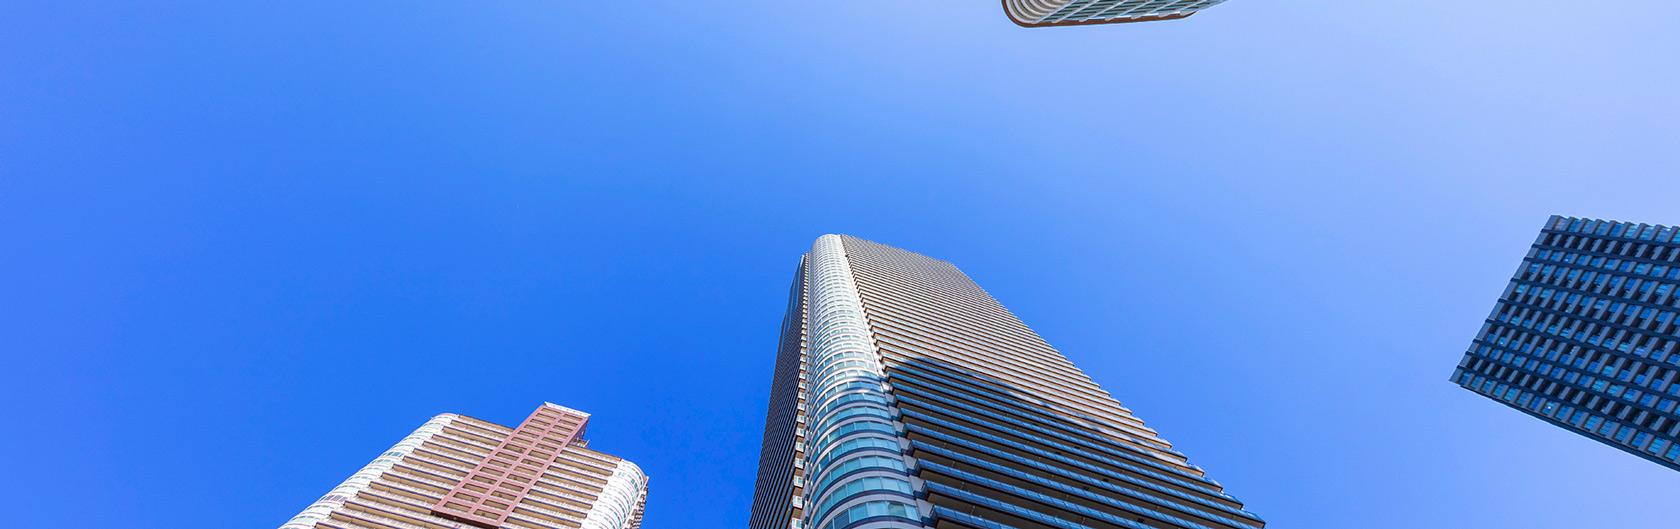 ビル管理のイメージ画像